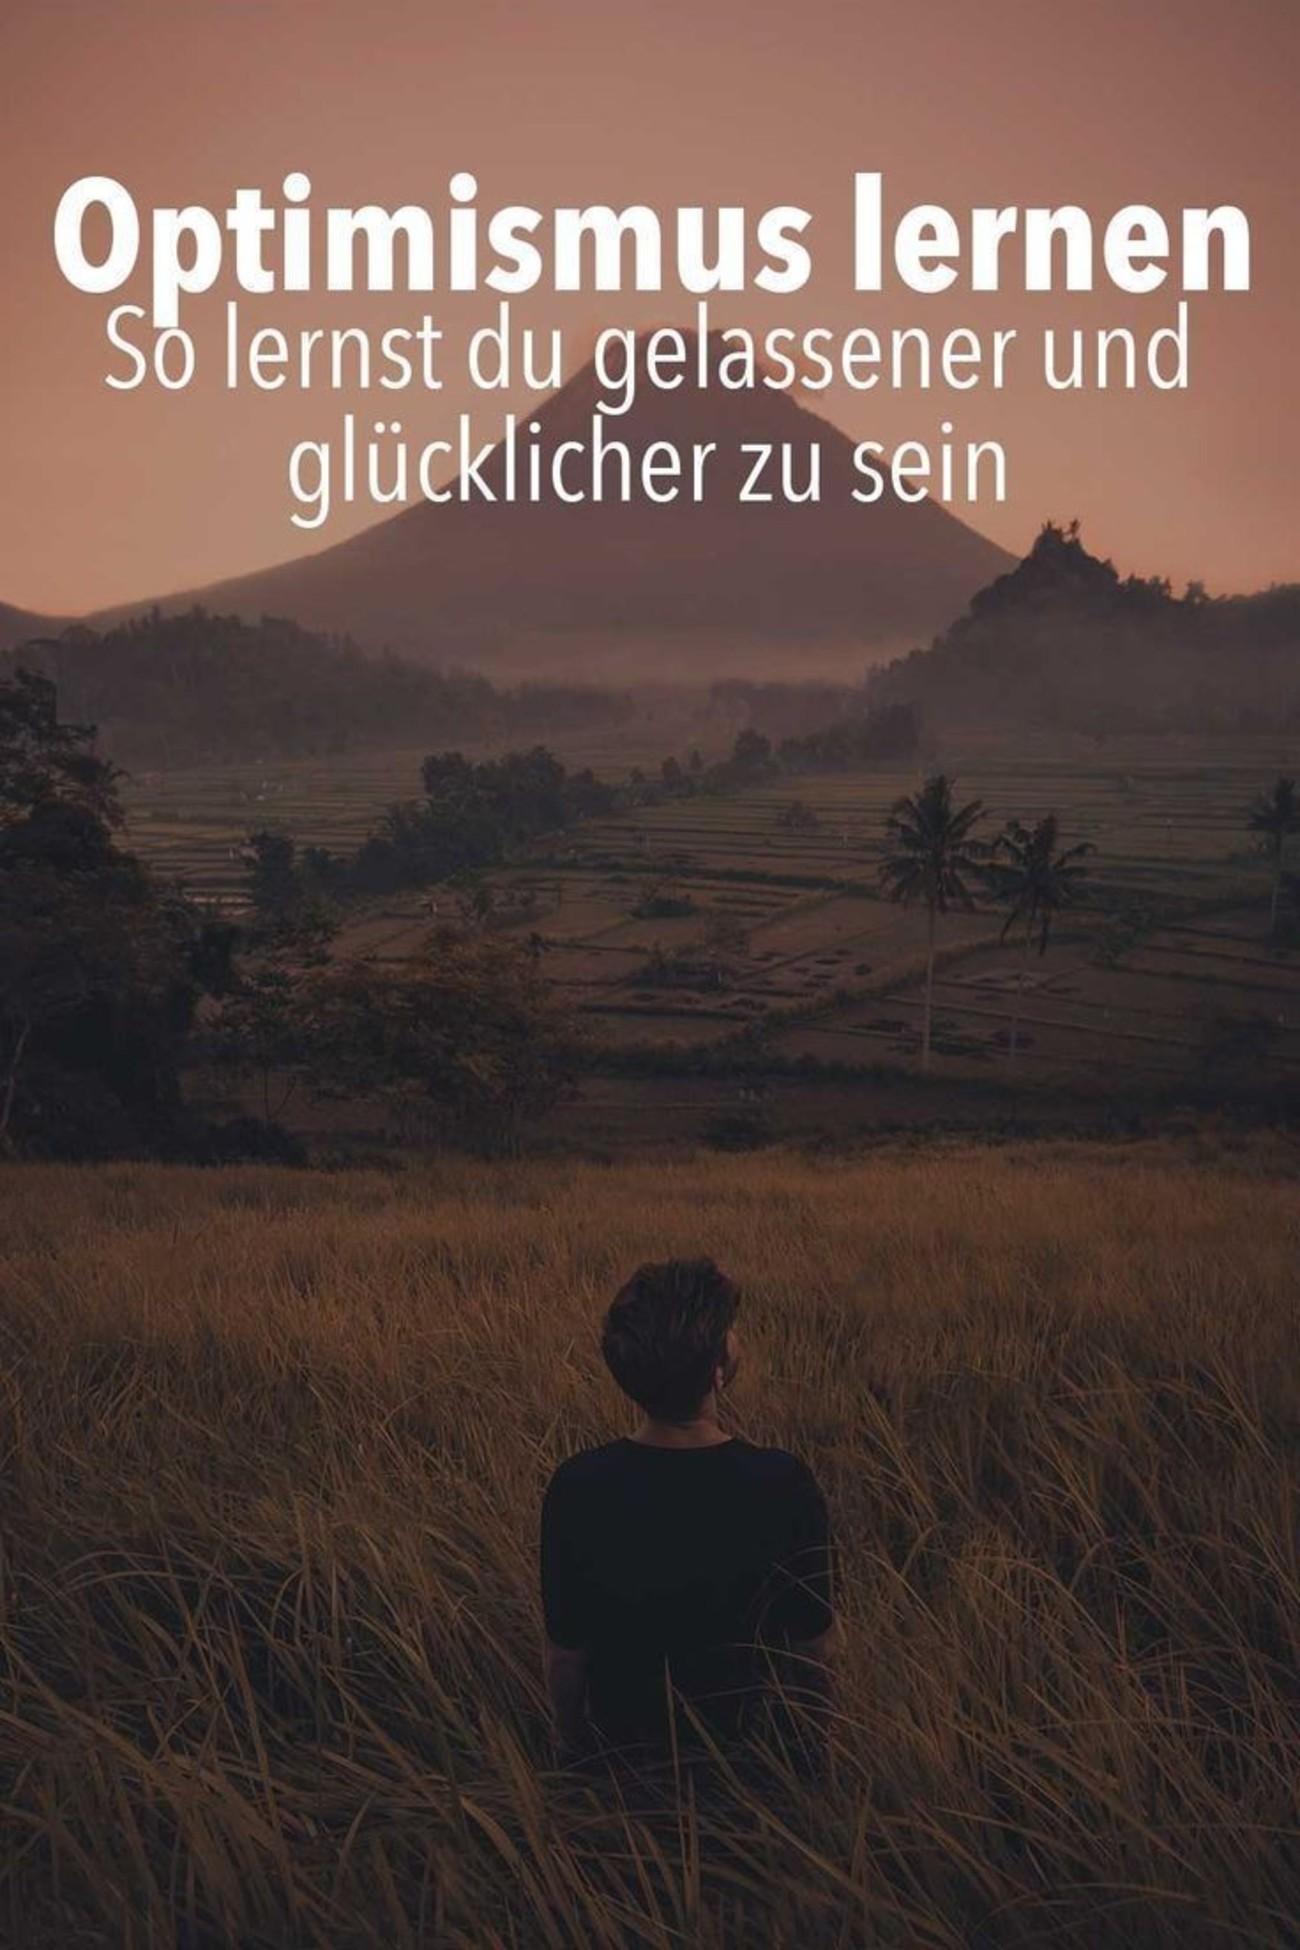 Sprüche Pinterest 126